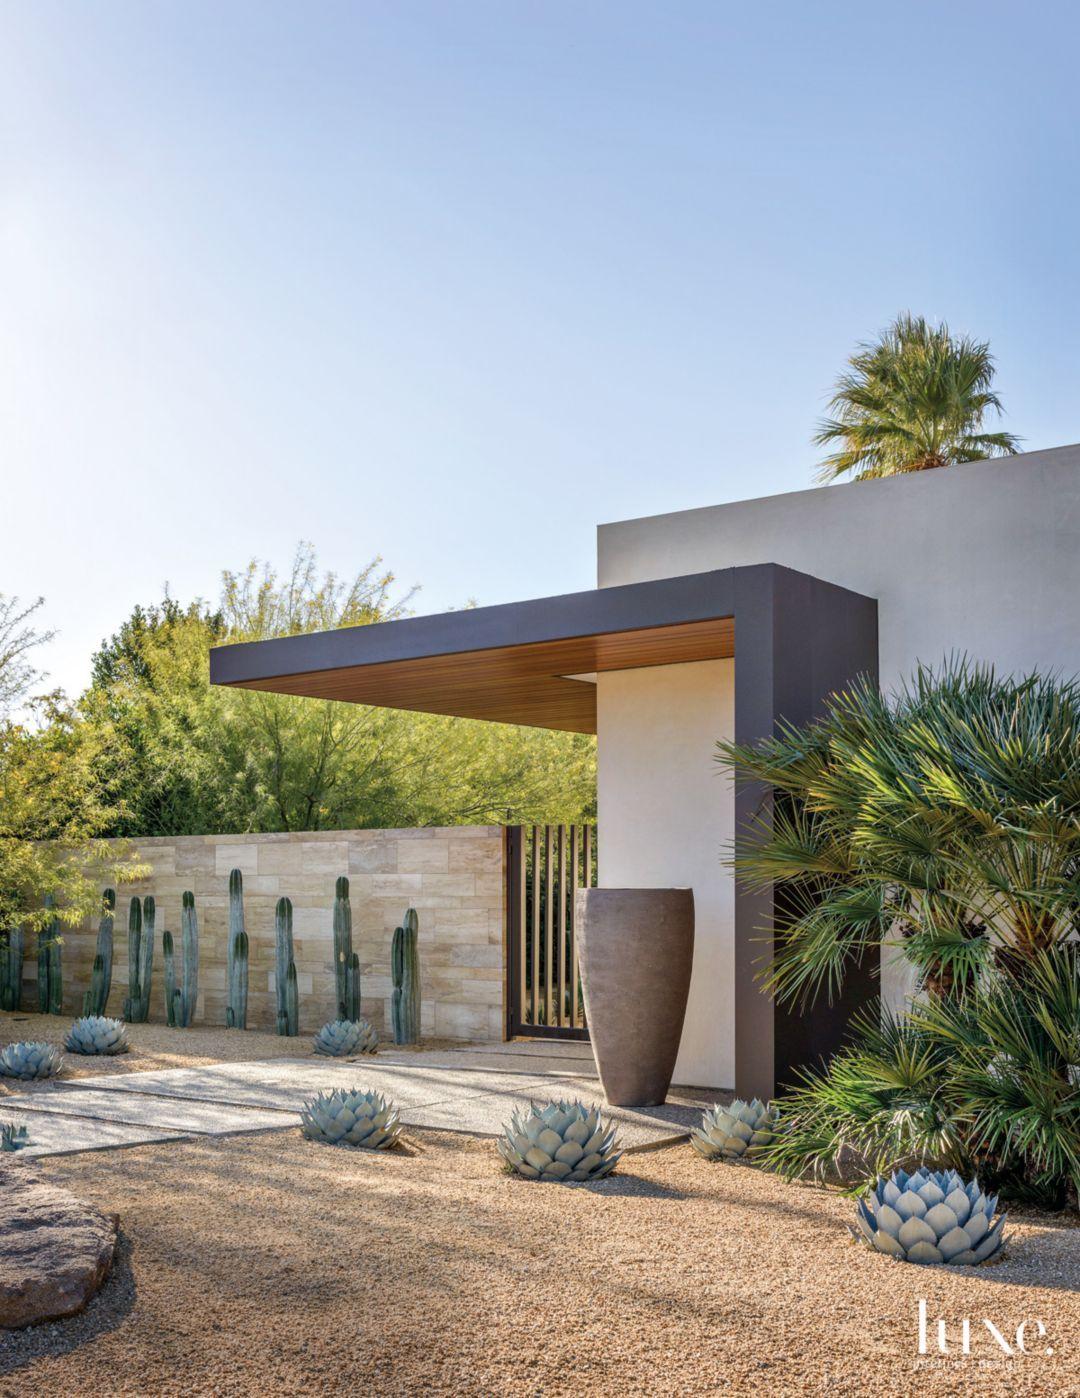 Beeindruckend Vorgartengestaltung Modern Referenz Von The Multilevel Terrace And Covered Outdoor Great